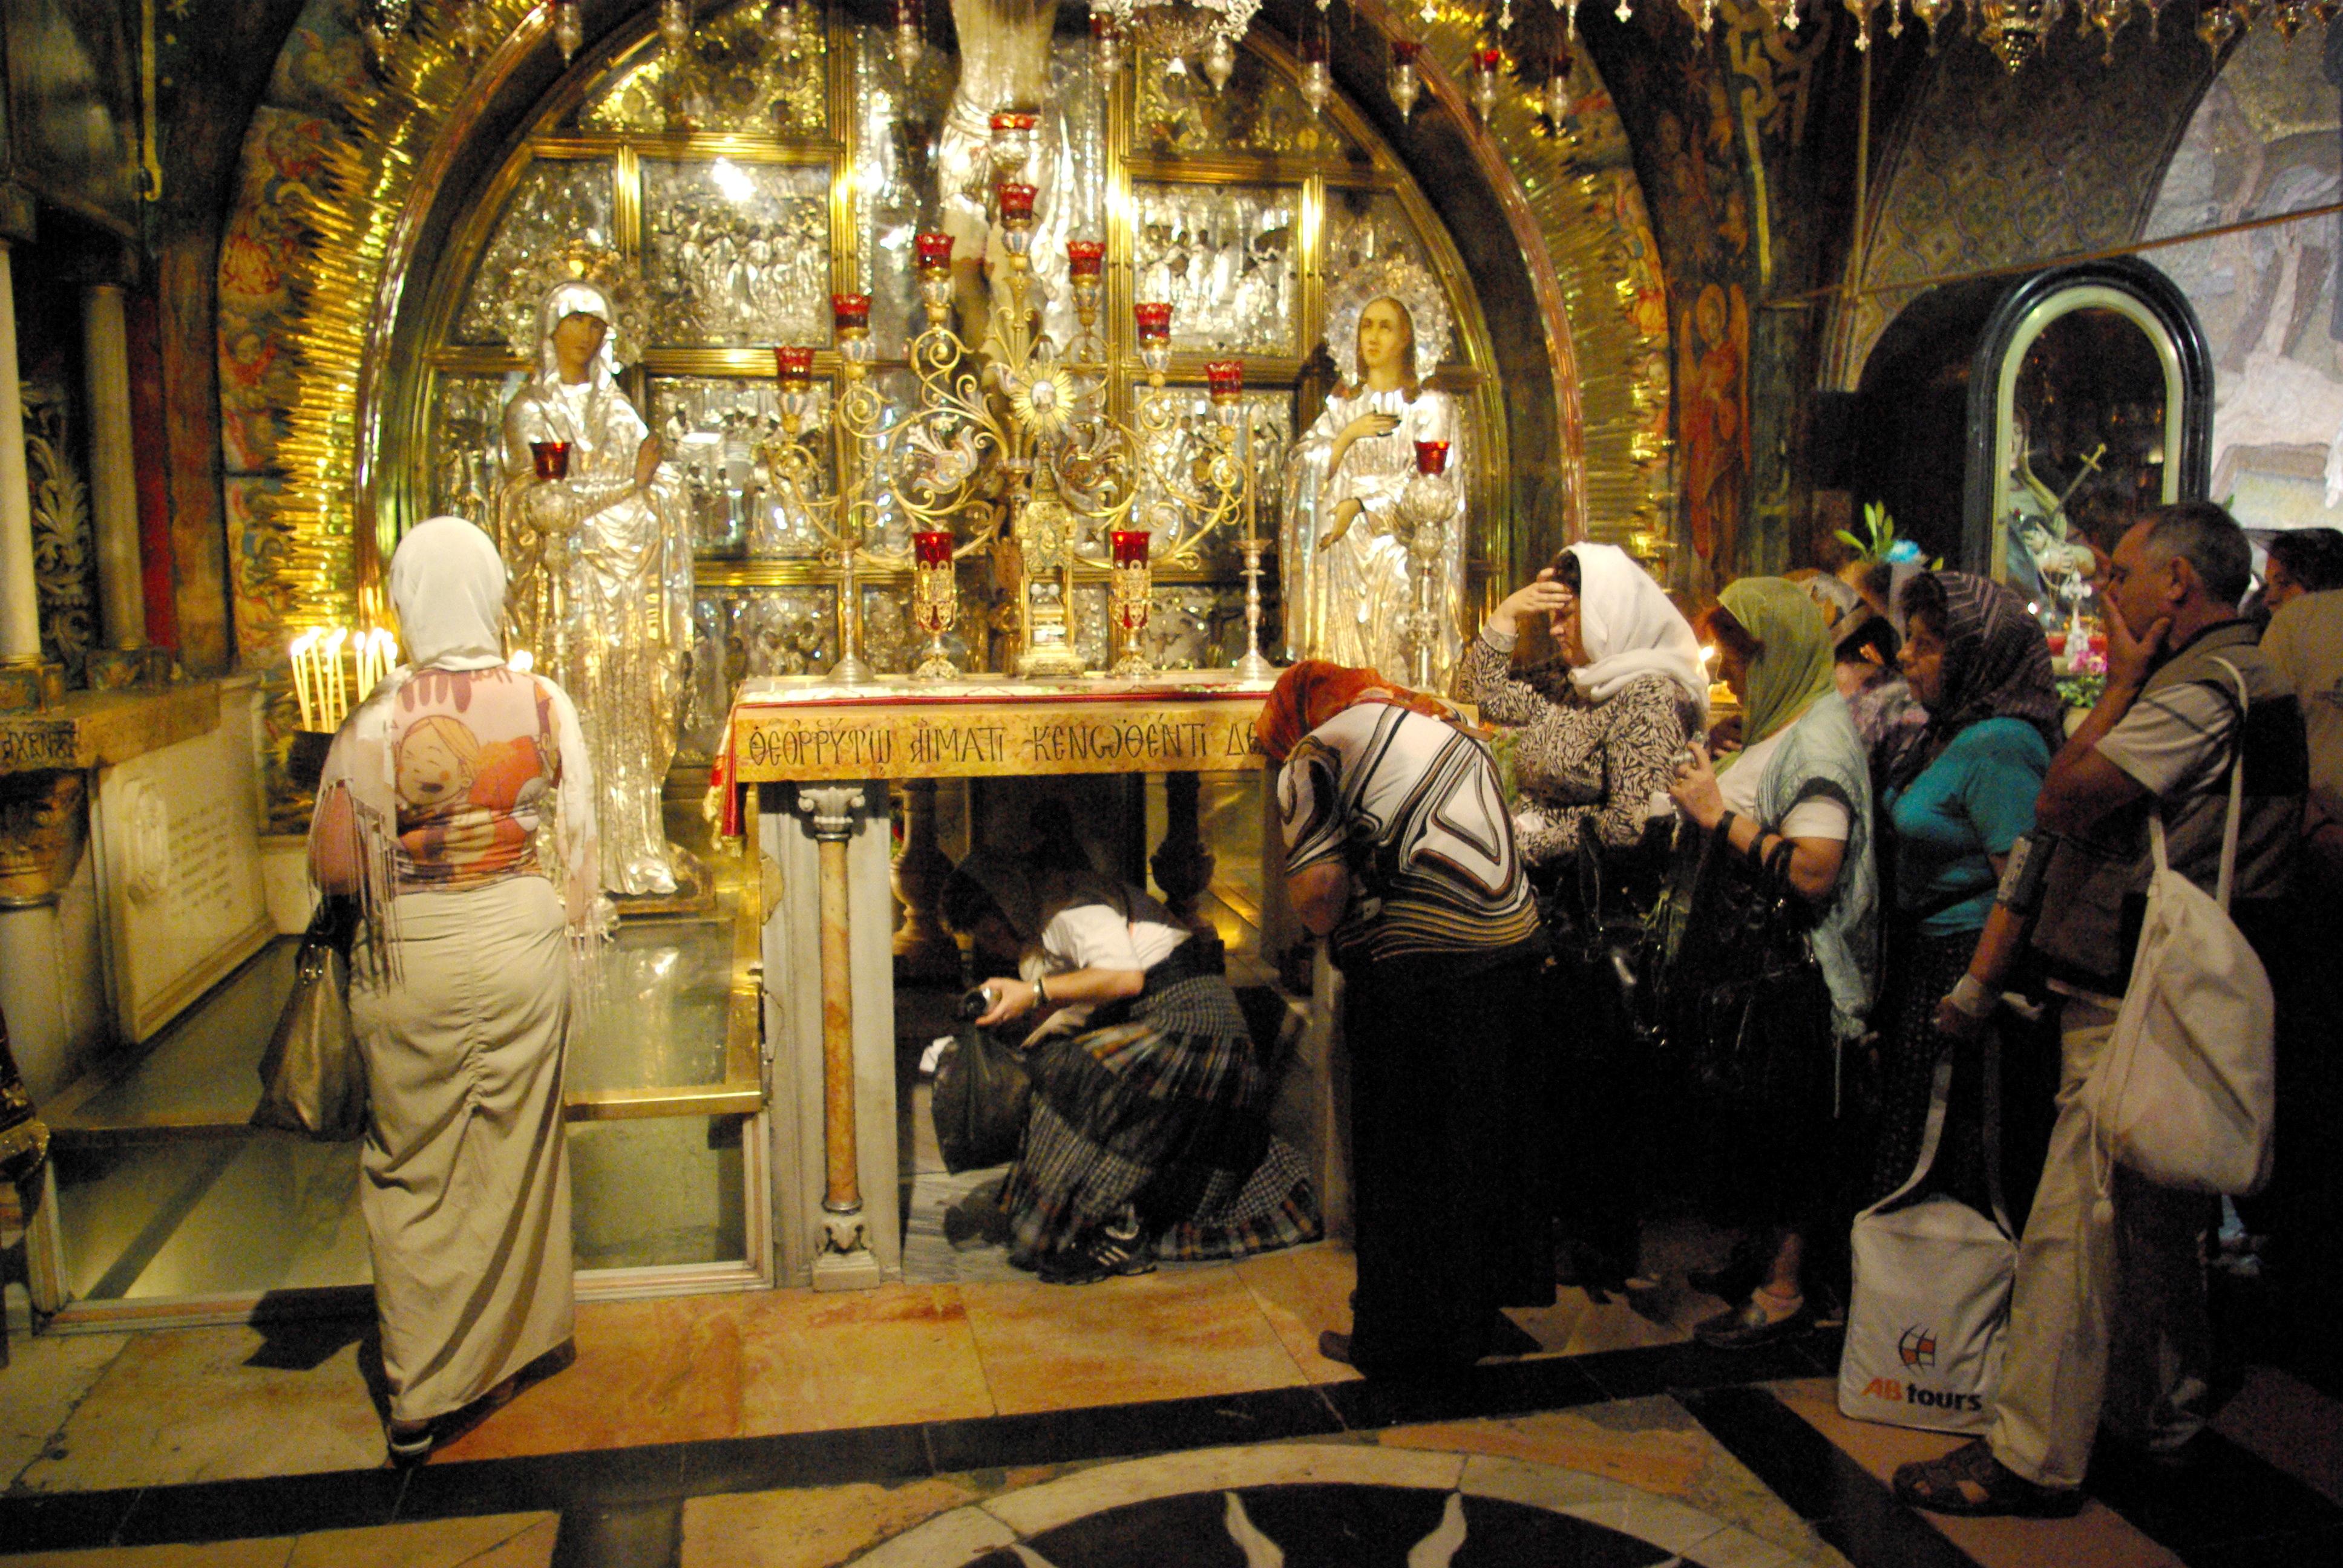 La iglesia del Santo Sepulcro cierra en protesta por los impuestos